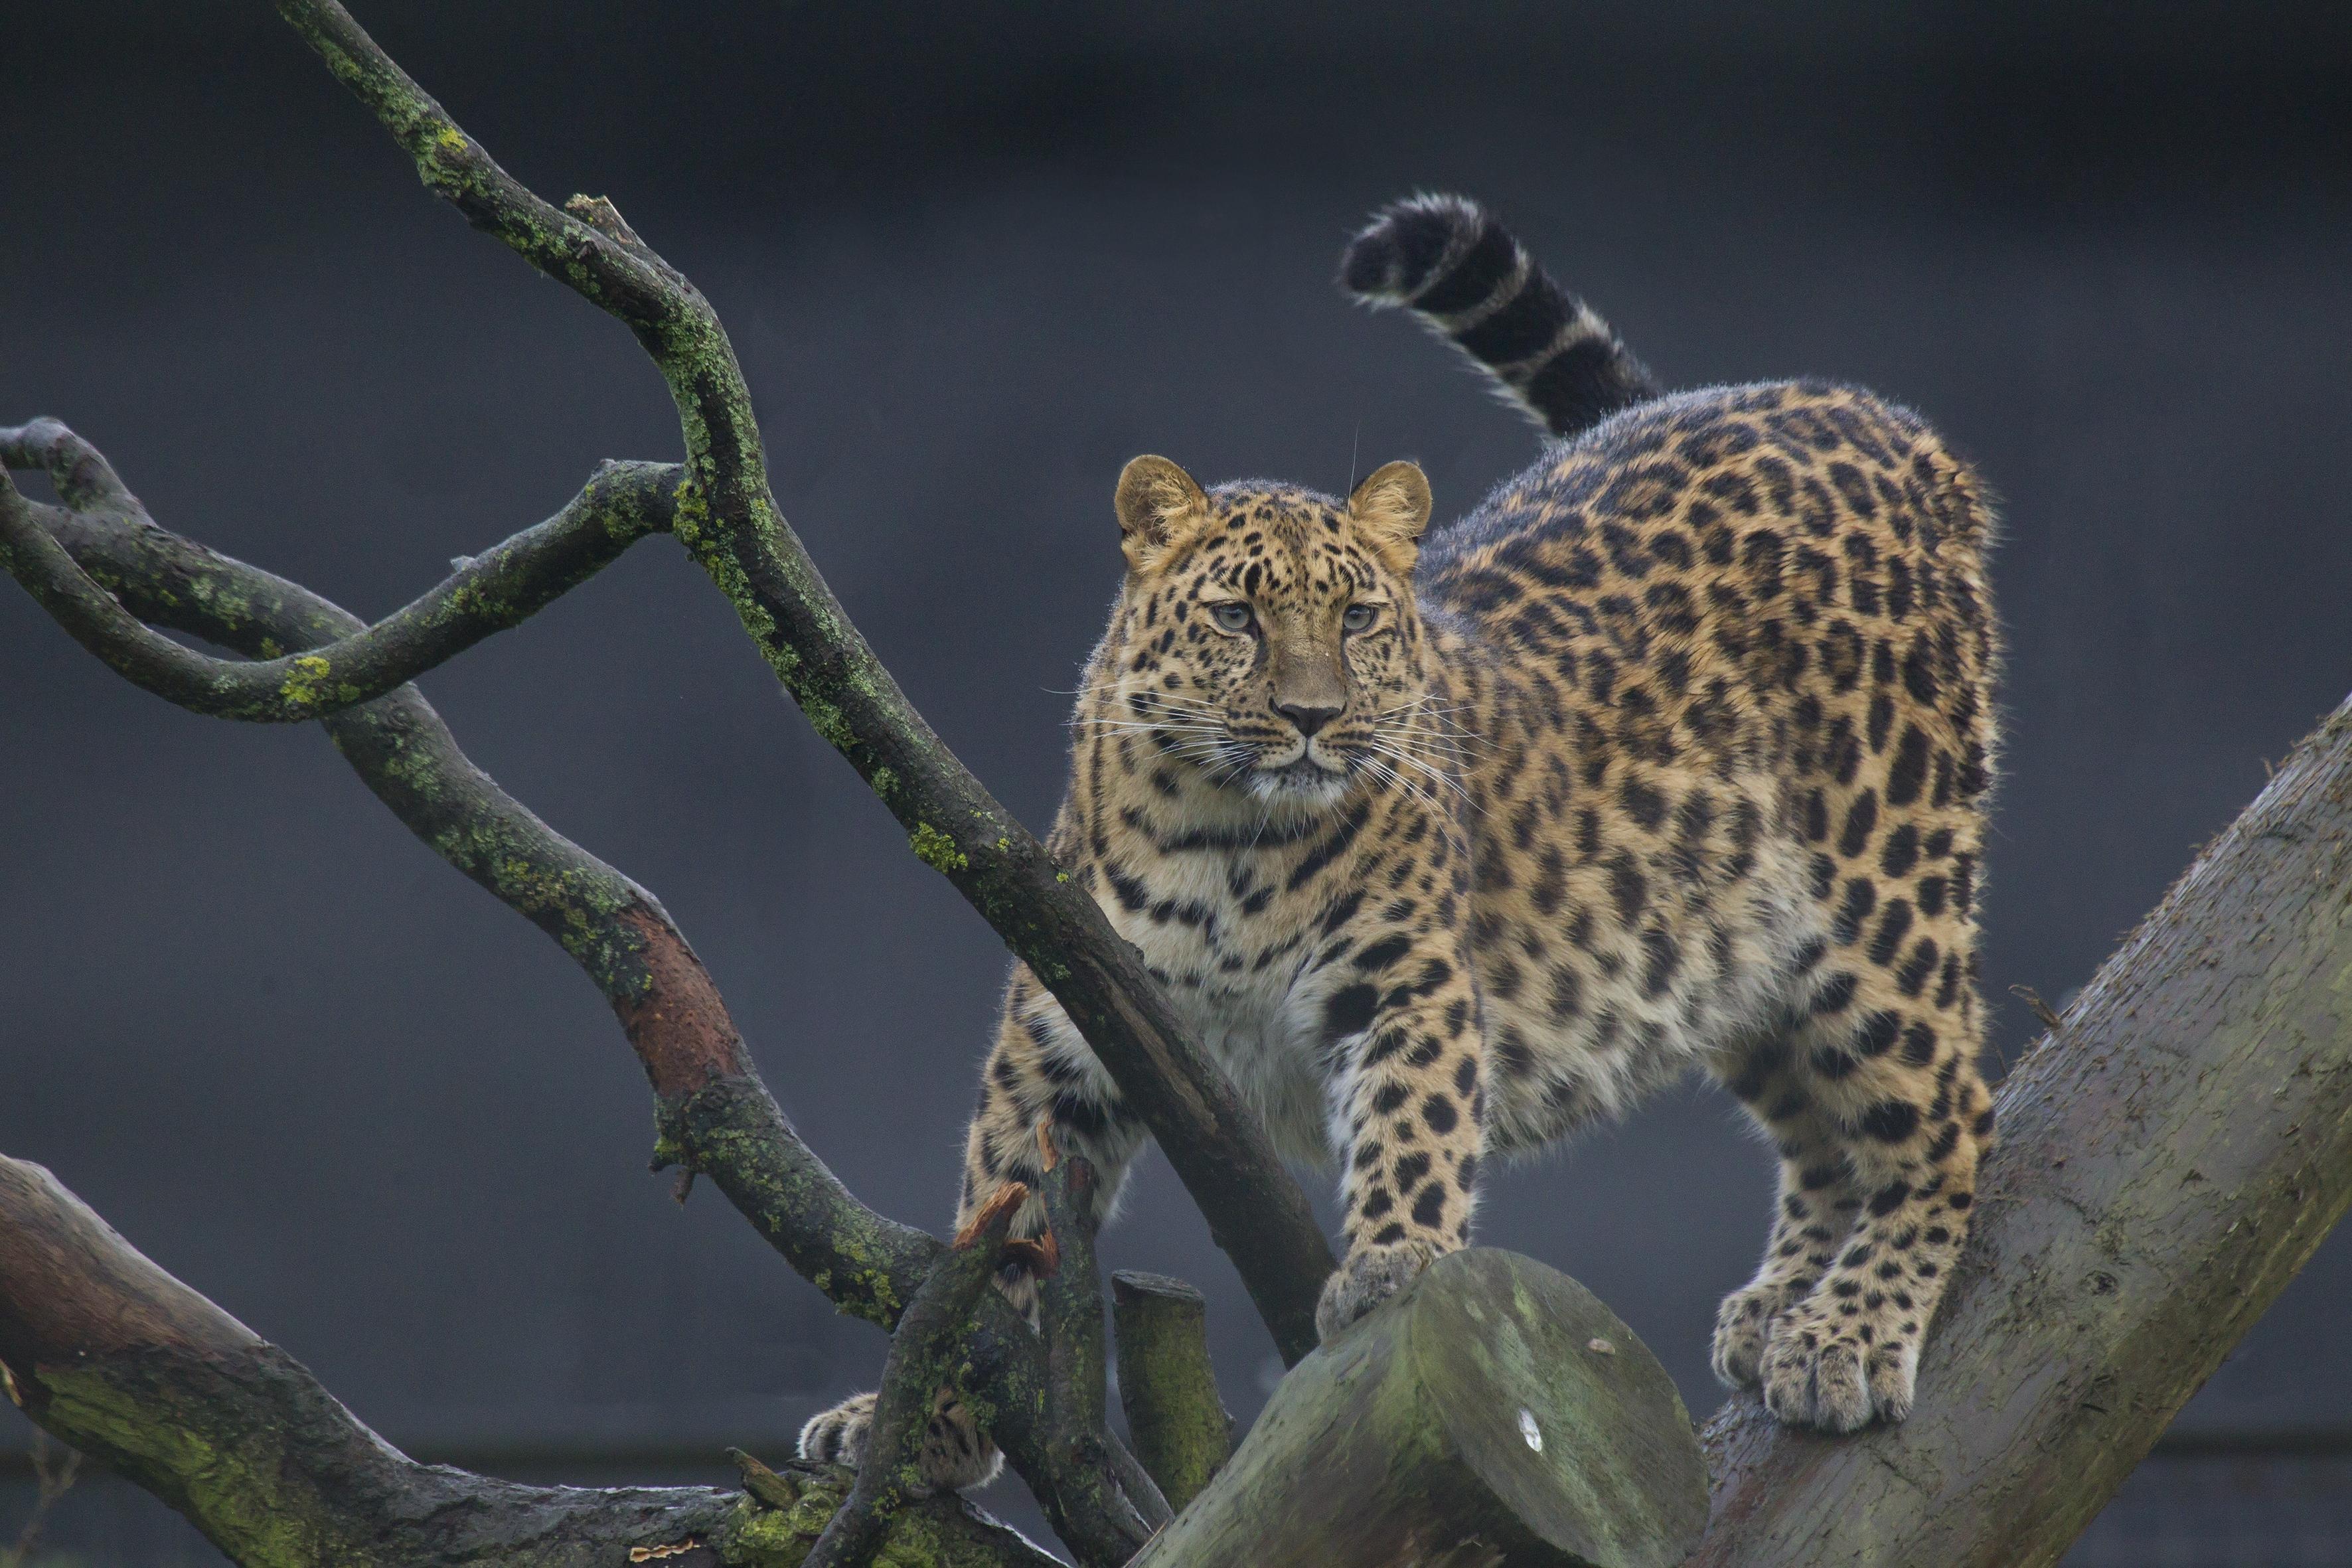 обои Леопард, вид хищных млекопитающих семейства кошачьих, животное картинки фото